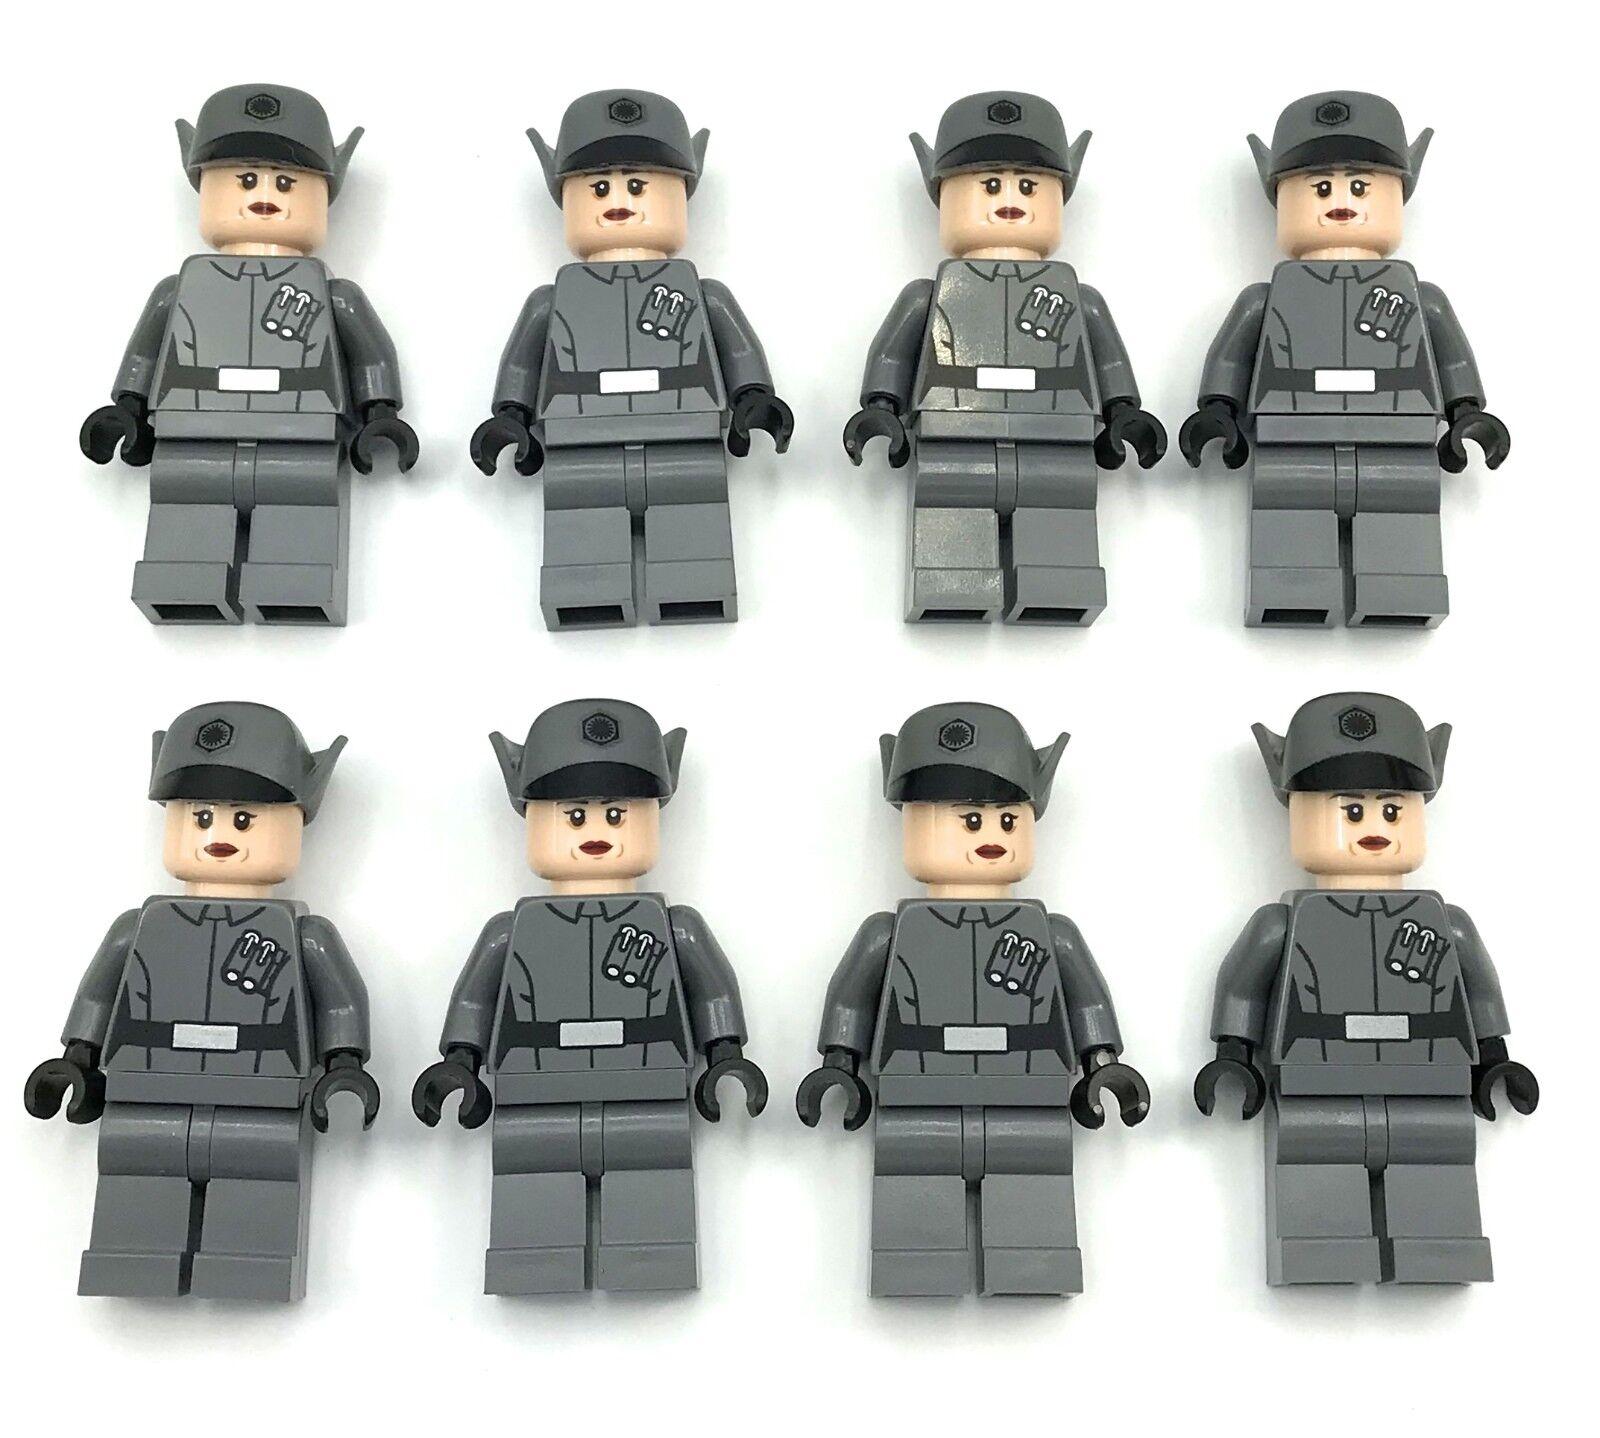 Lego Nouveau Star Wars Premier Ordre Officier Féminin 75104 Mini Figurines